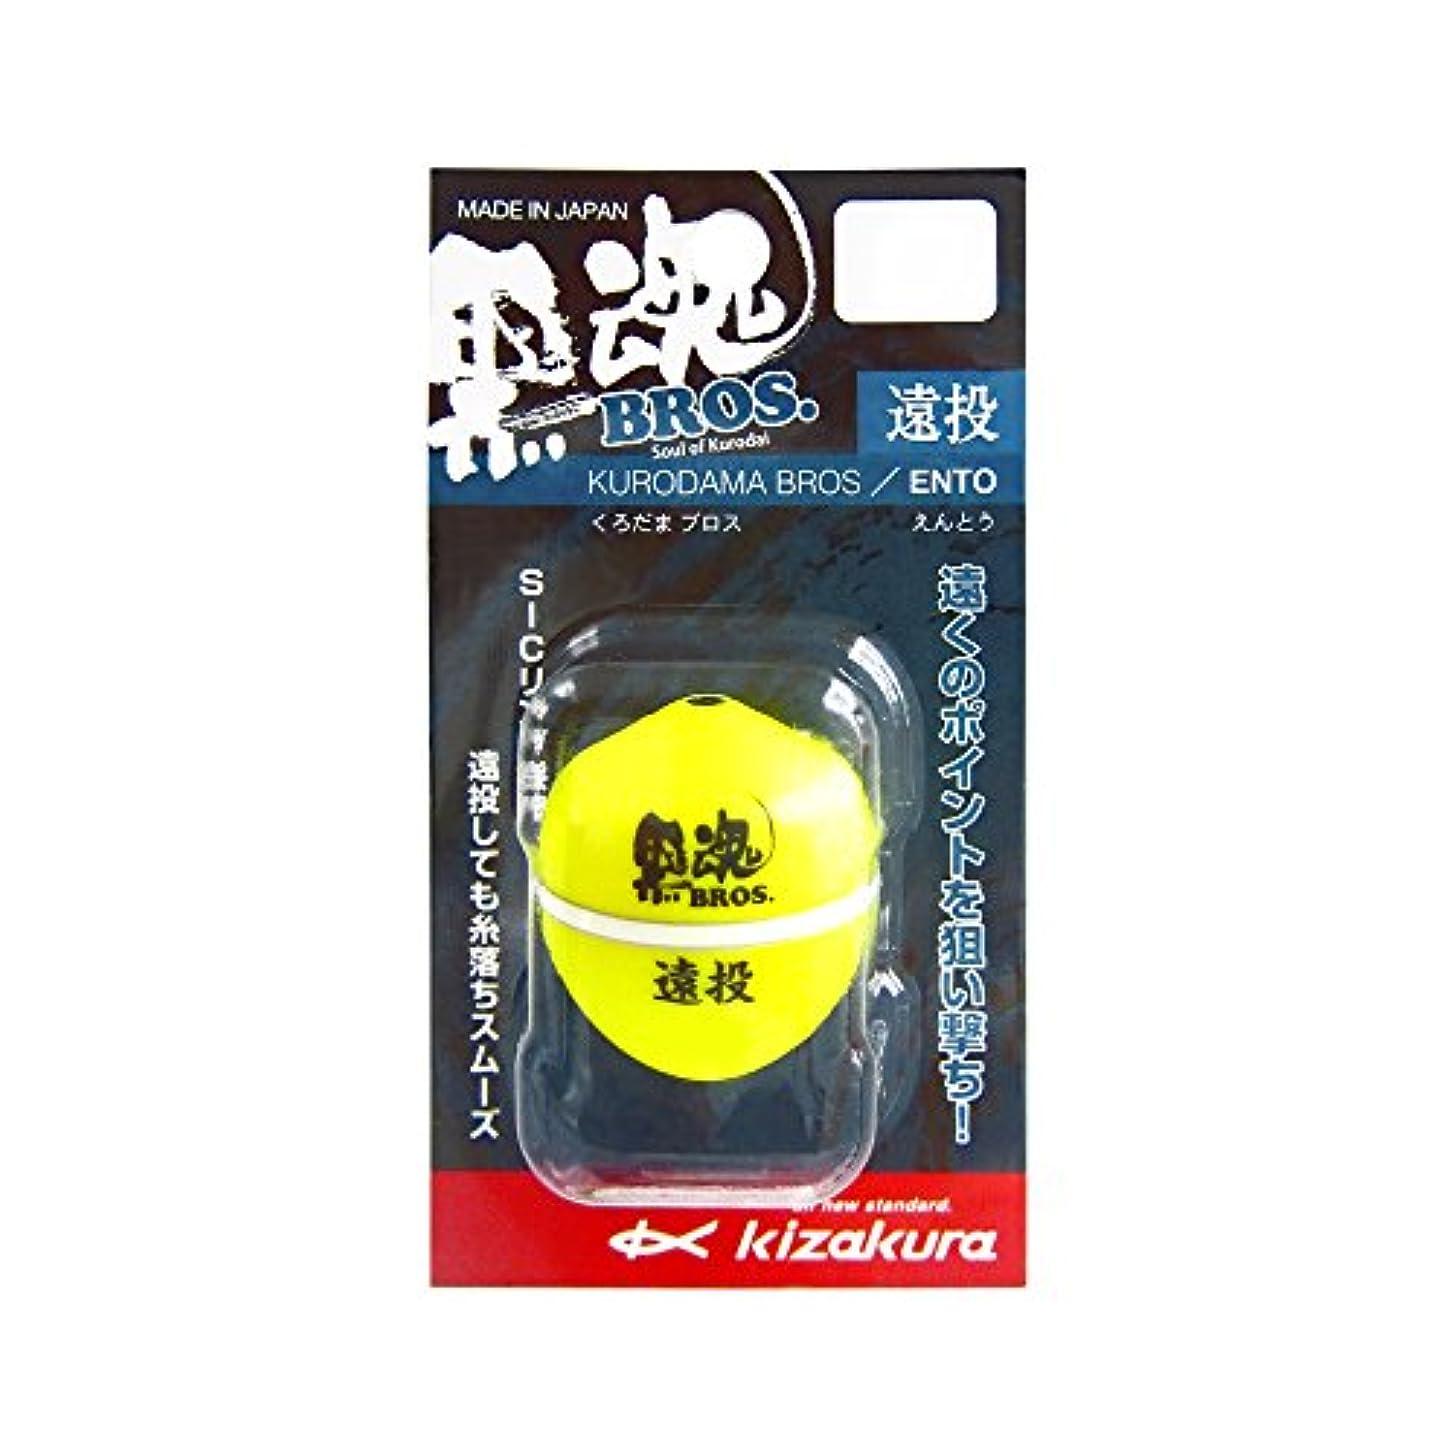 チップスキームかわすキザクラ(kizakura) 黒魂BROS. 遠投(イエロー) 0.5